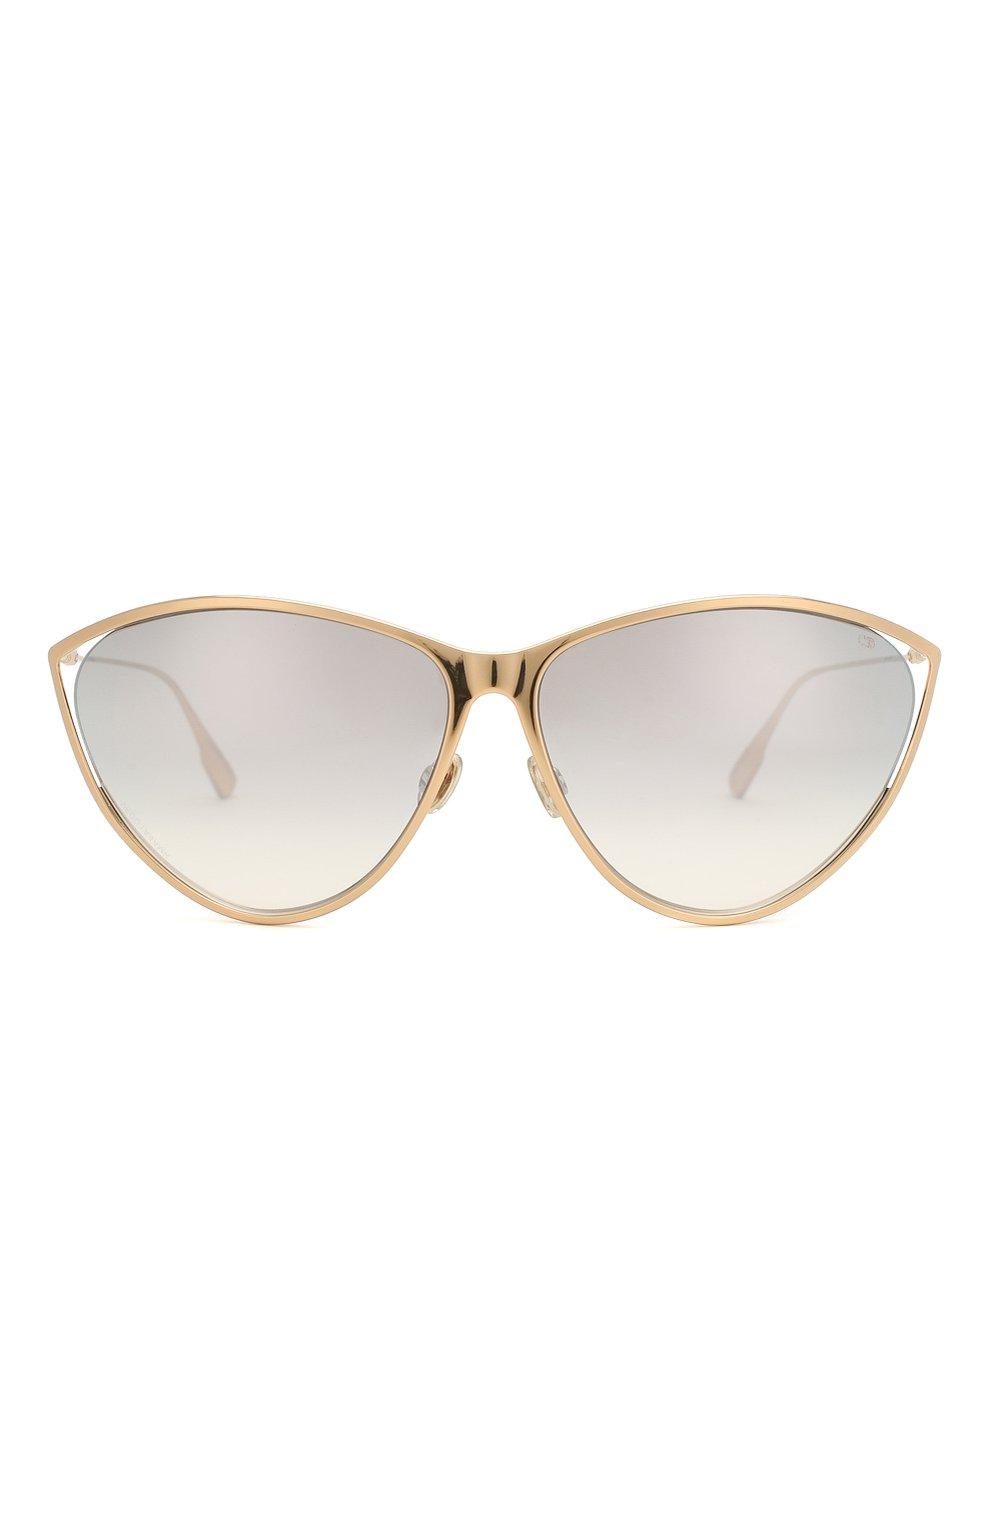 Женские солнцезащитные очки DIOR золотого цвета, арт. DI0RNEWM0TARD 000 | Фото 3